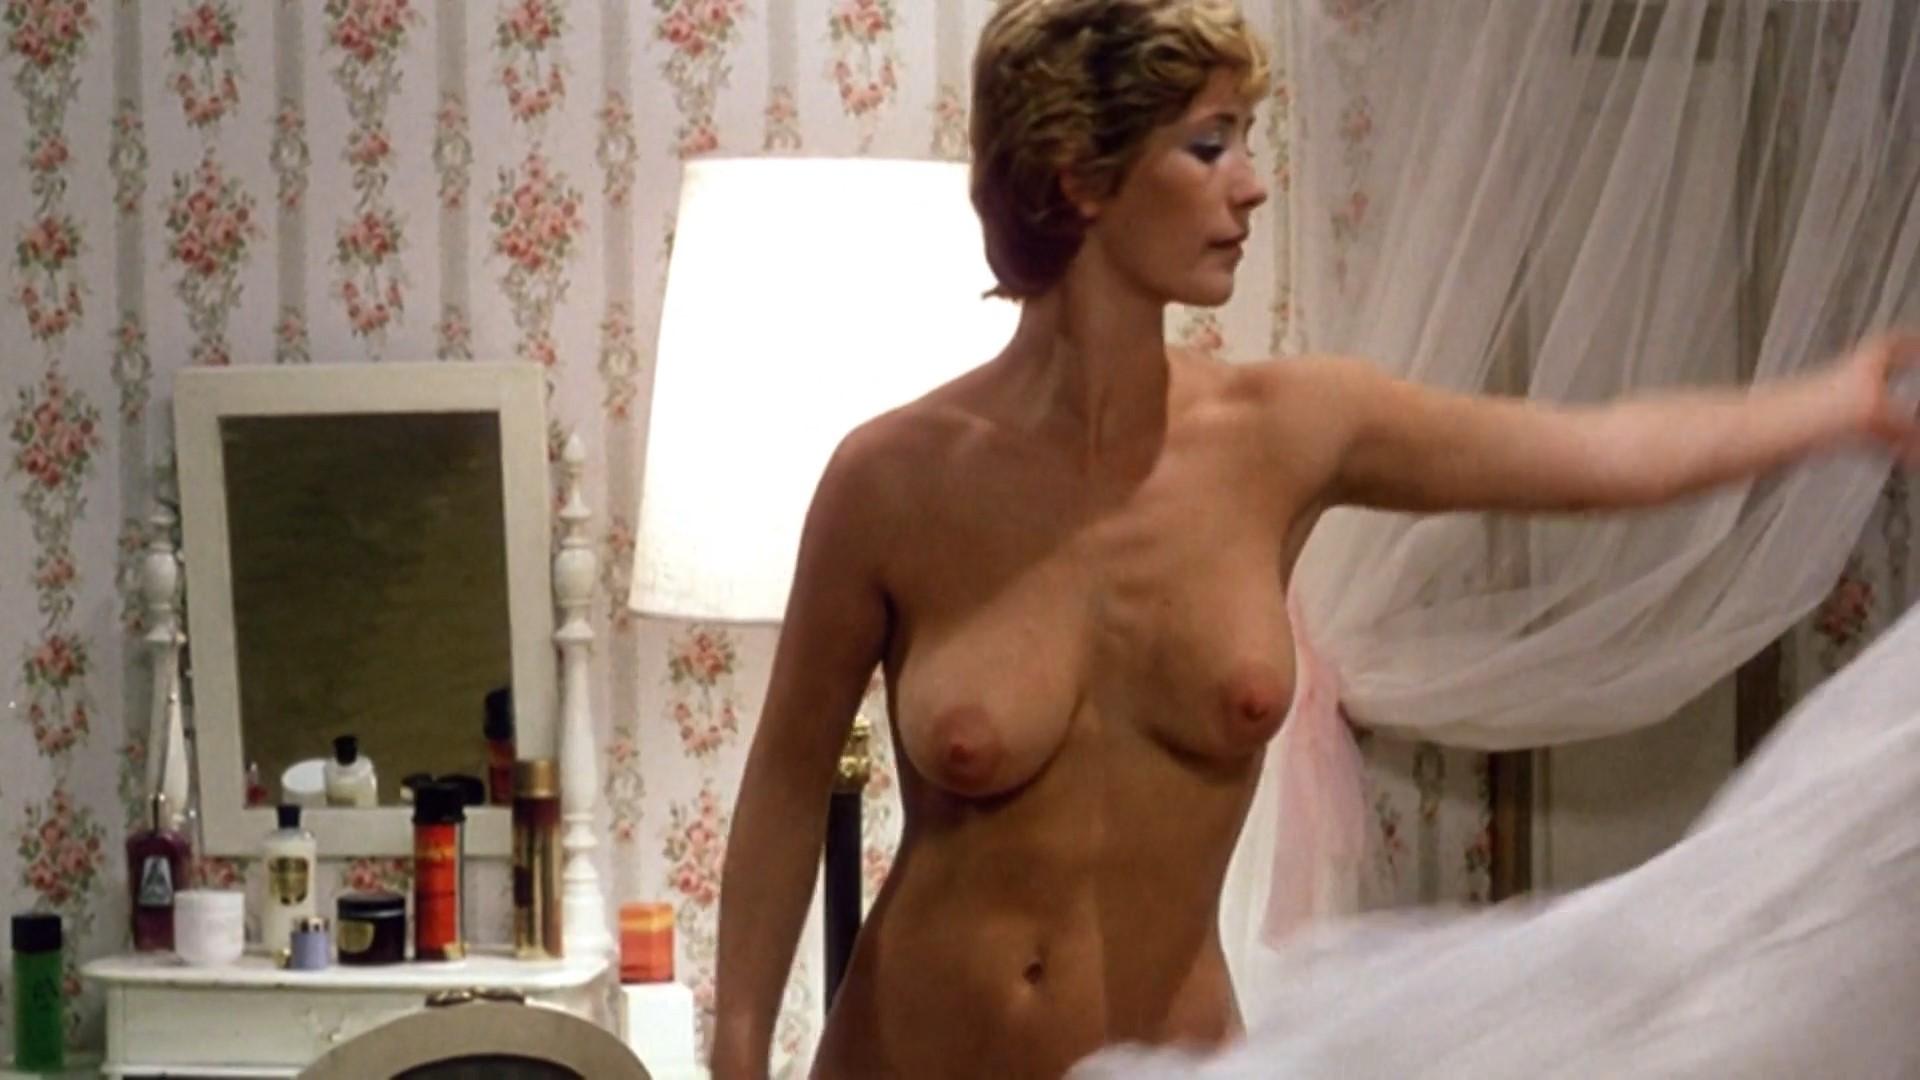 Andrea Osvárt Nuda nudecelebvideo - your box of nude celebrities » page 478